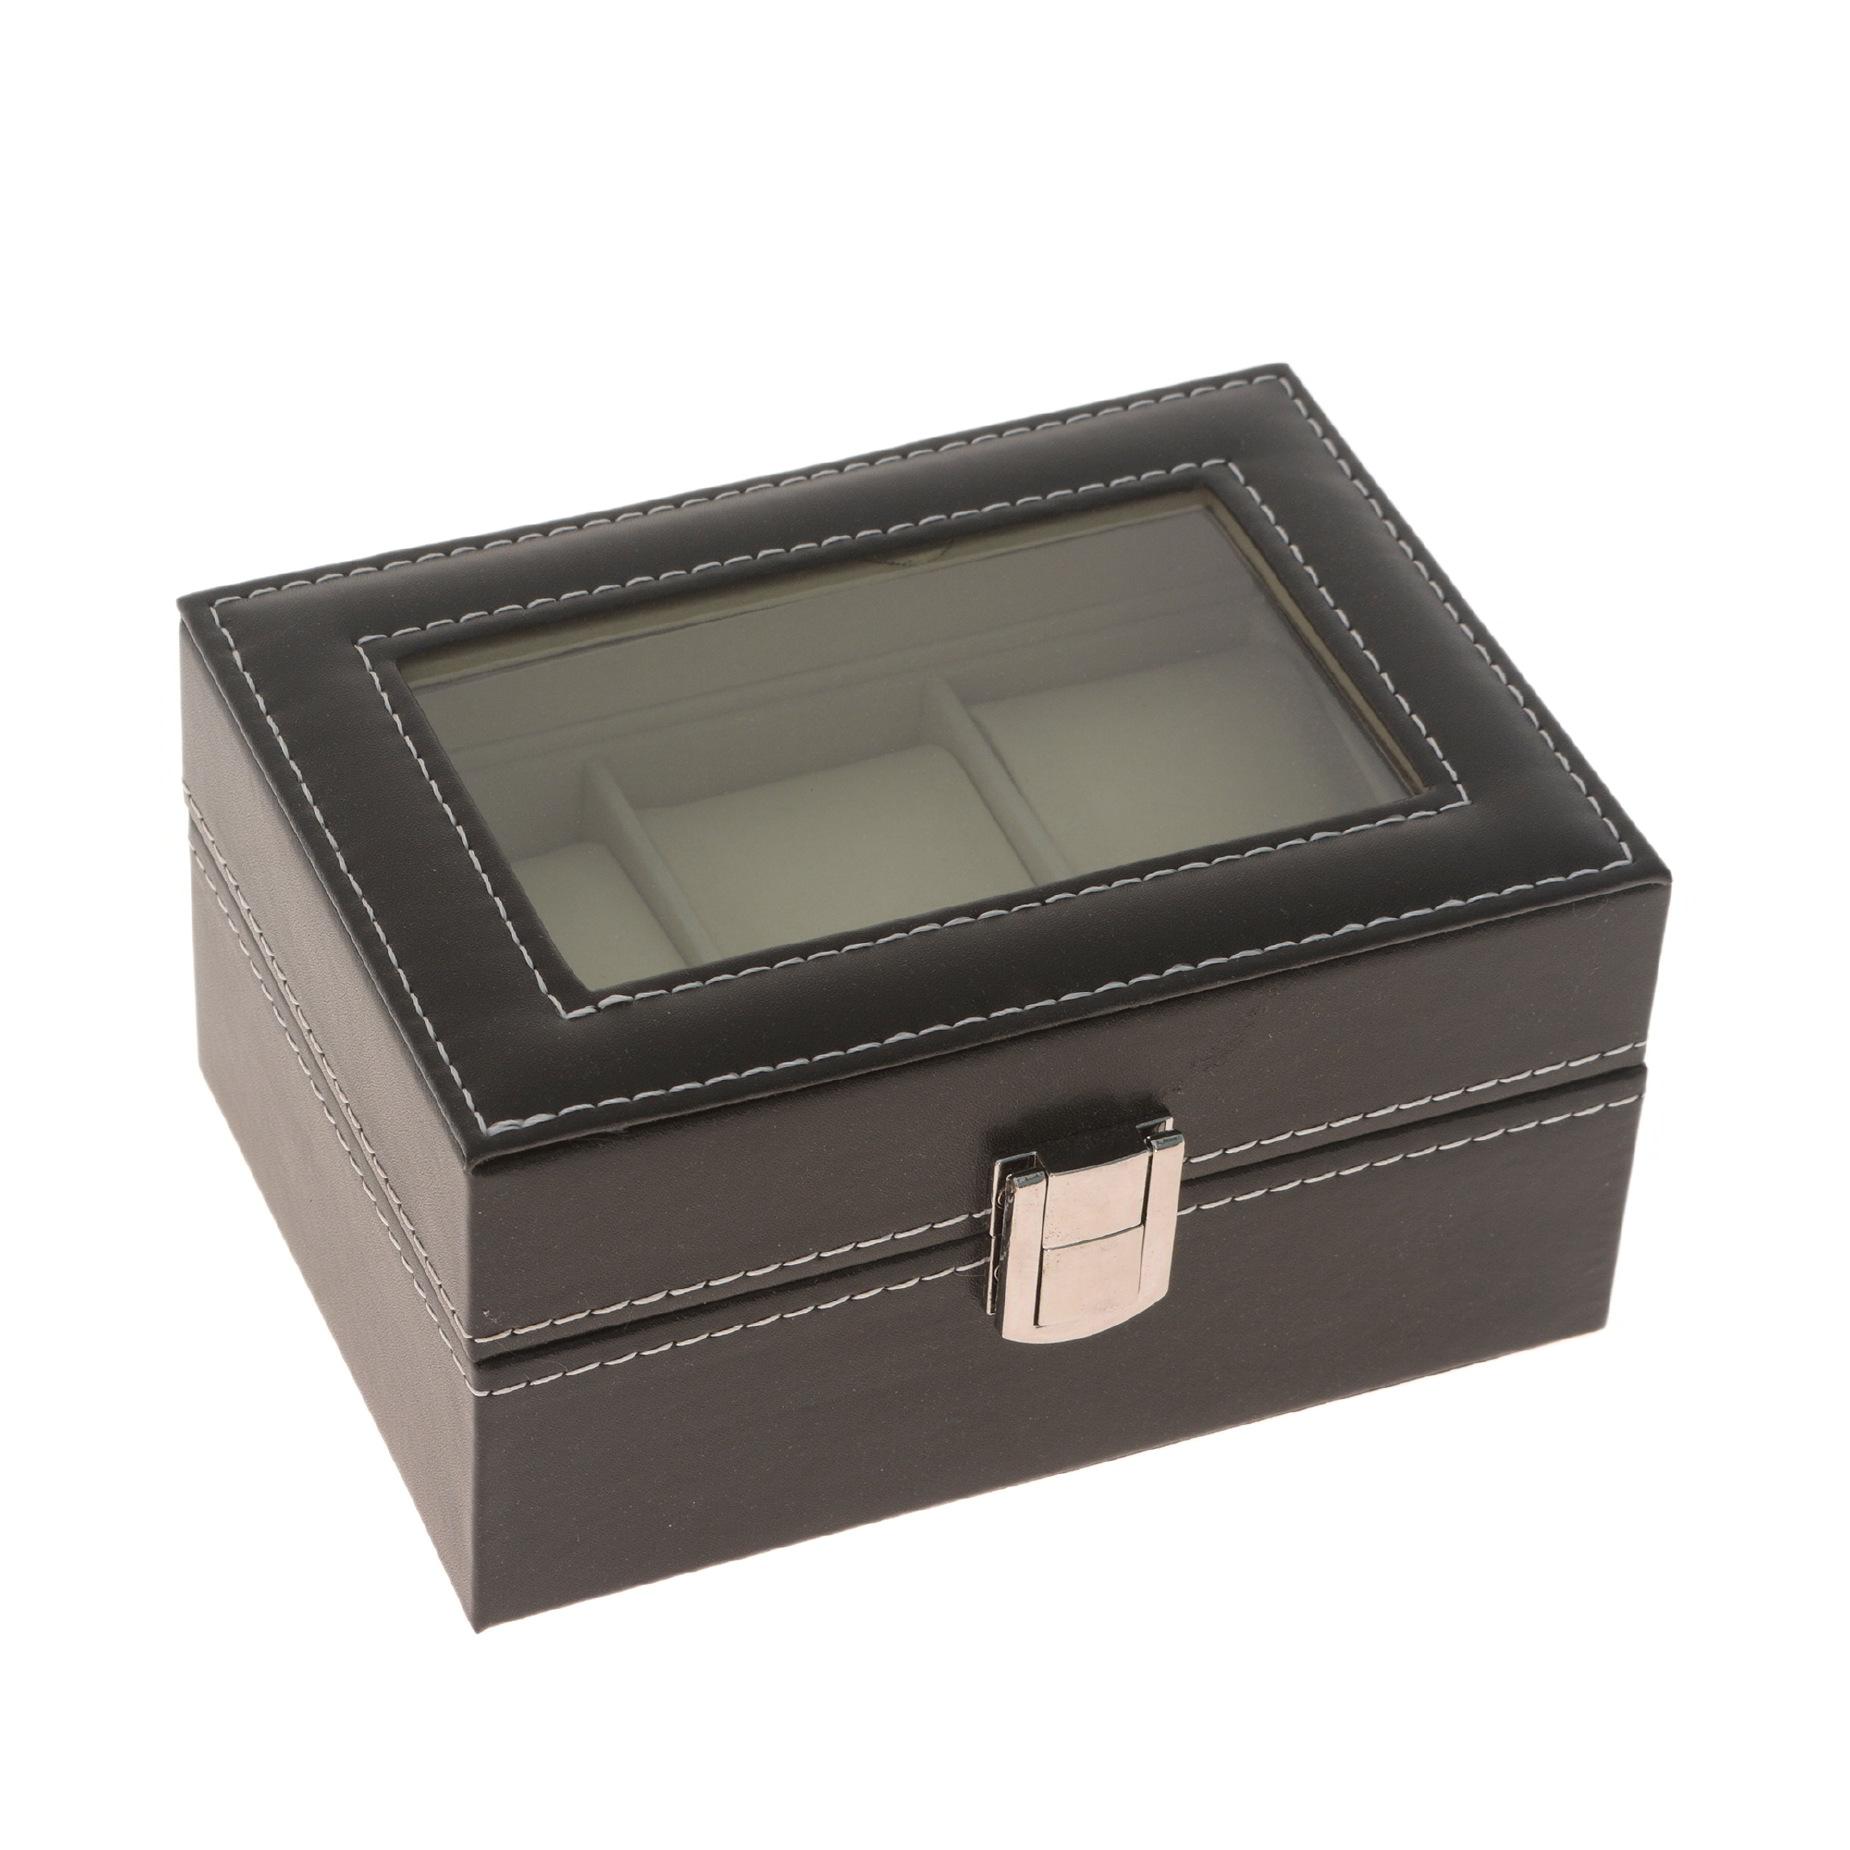 Caixa porta relógios de couro e tecido